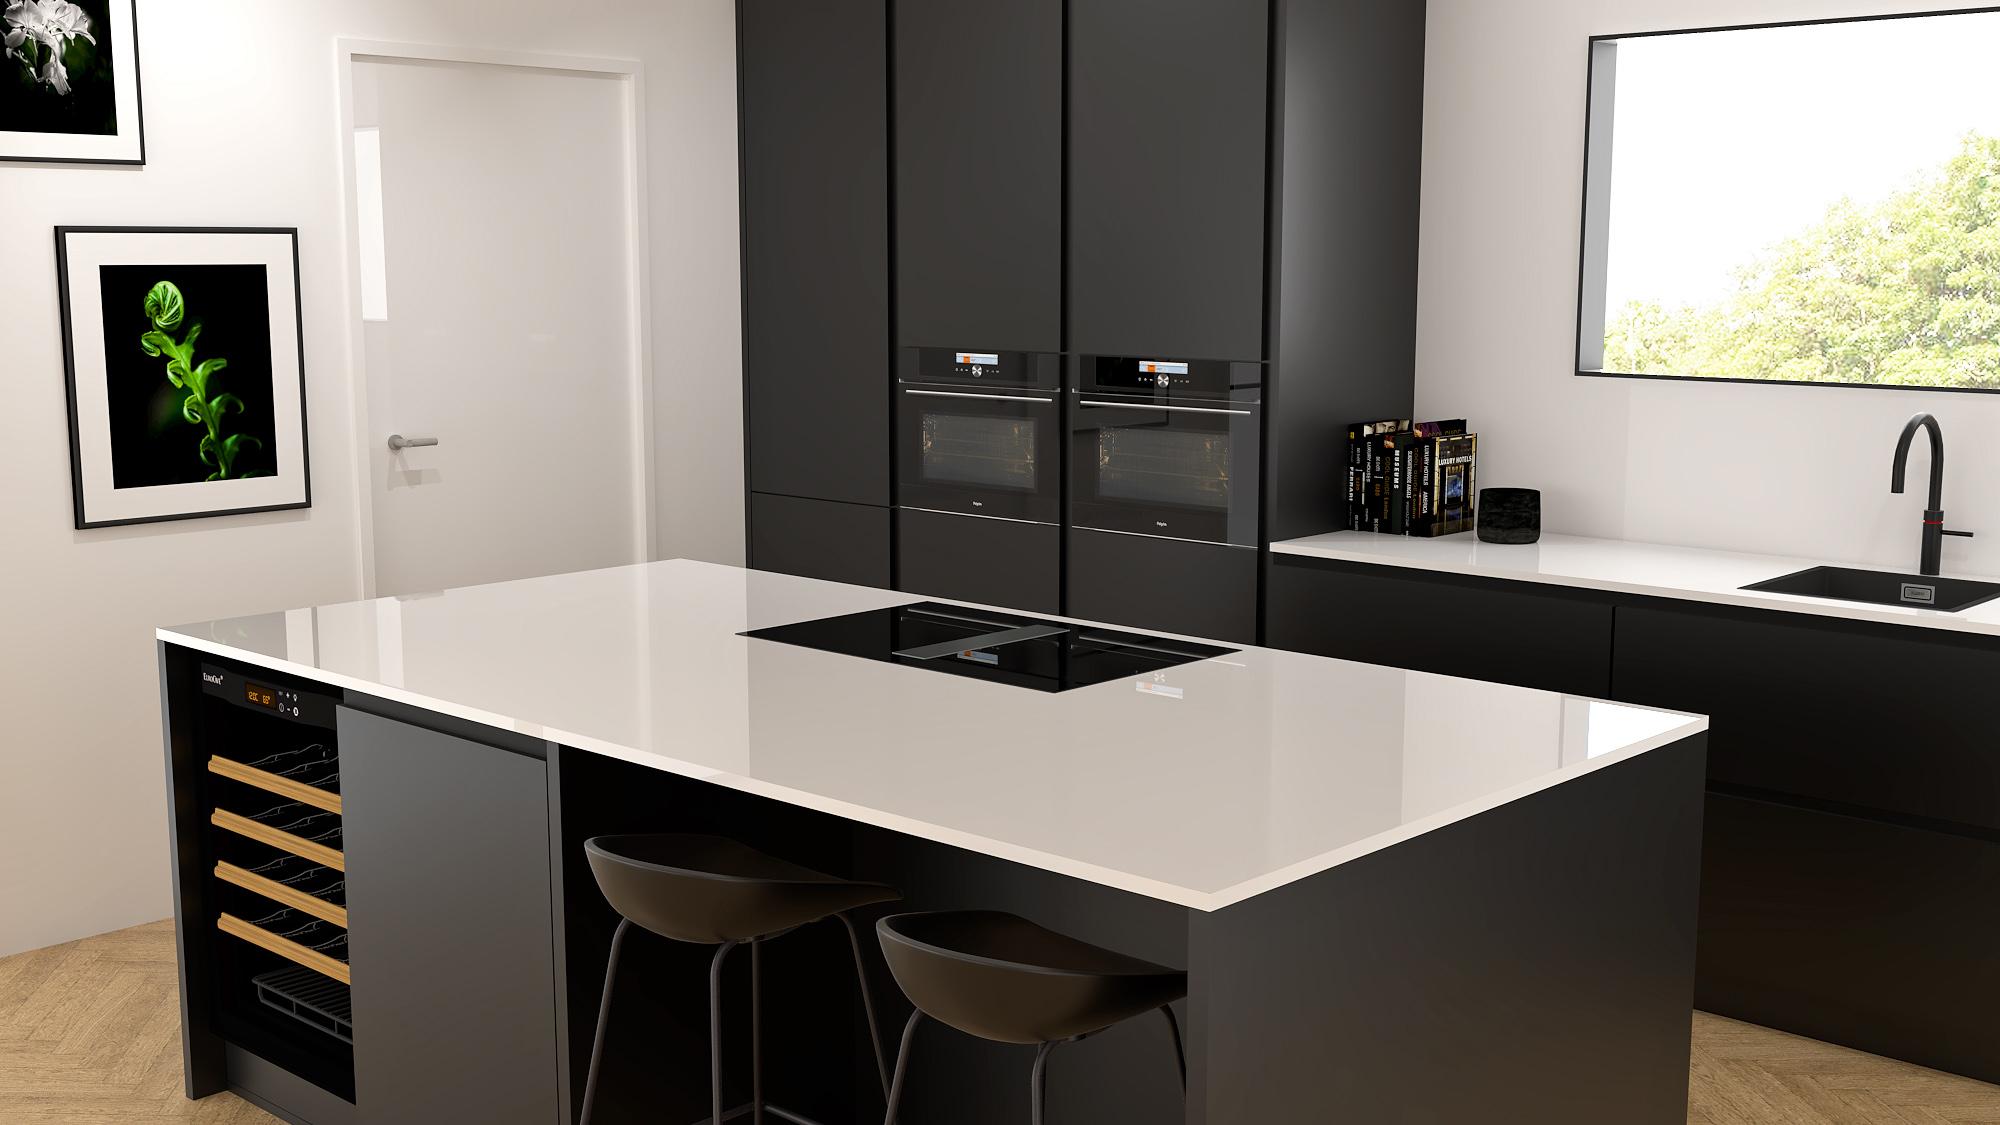 zwarte-keuken-composiet-dun-werkblad